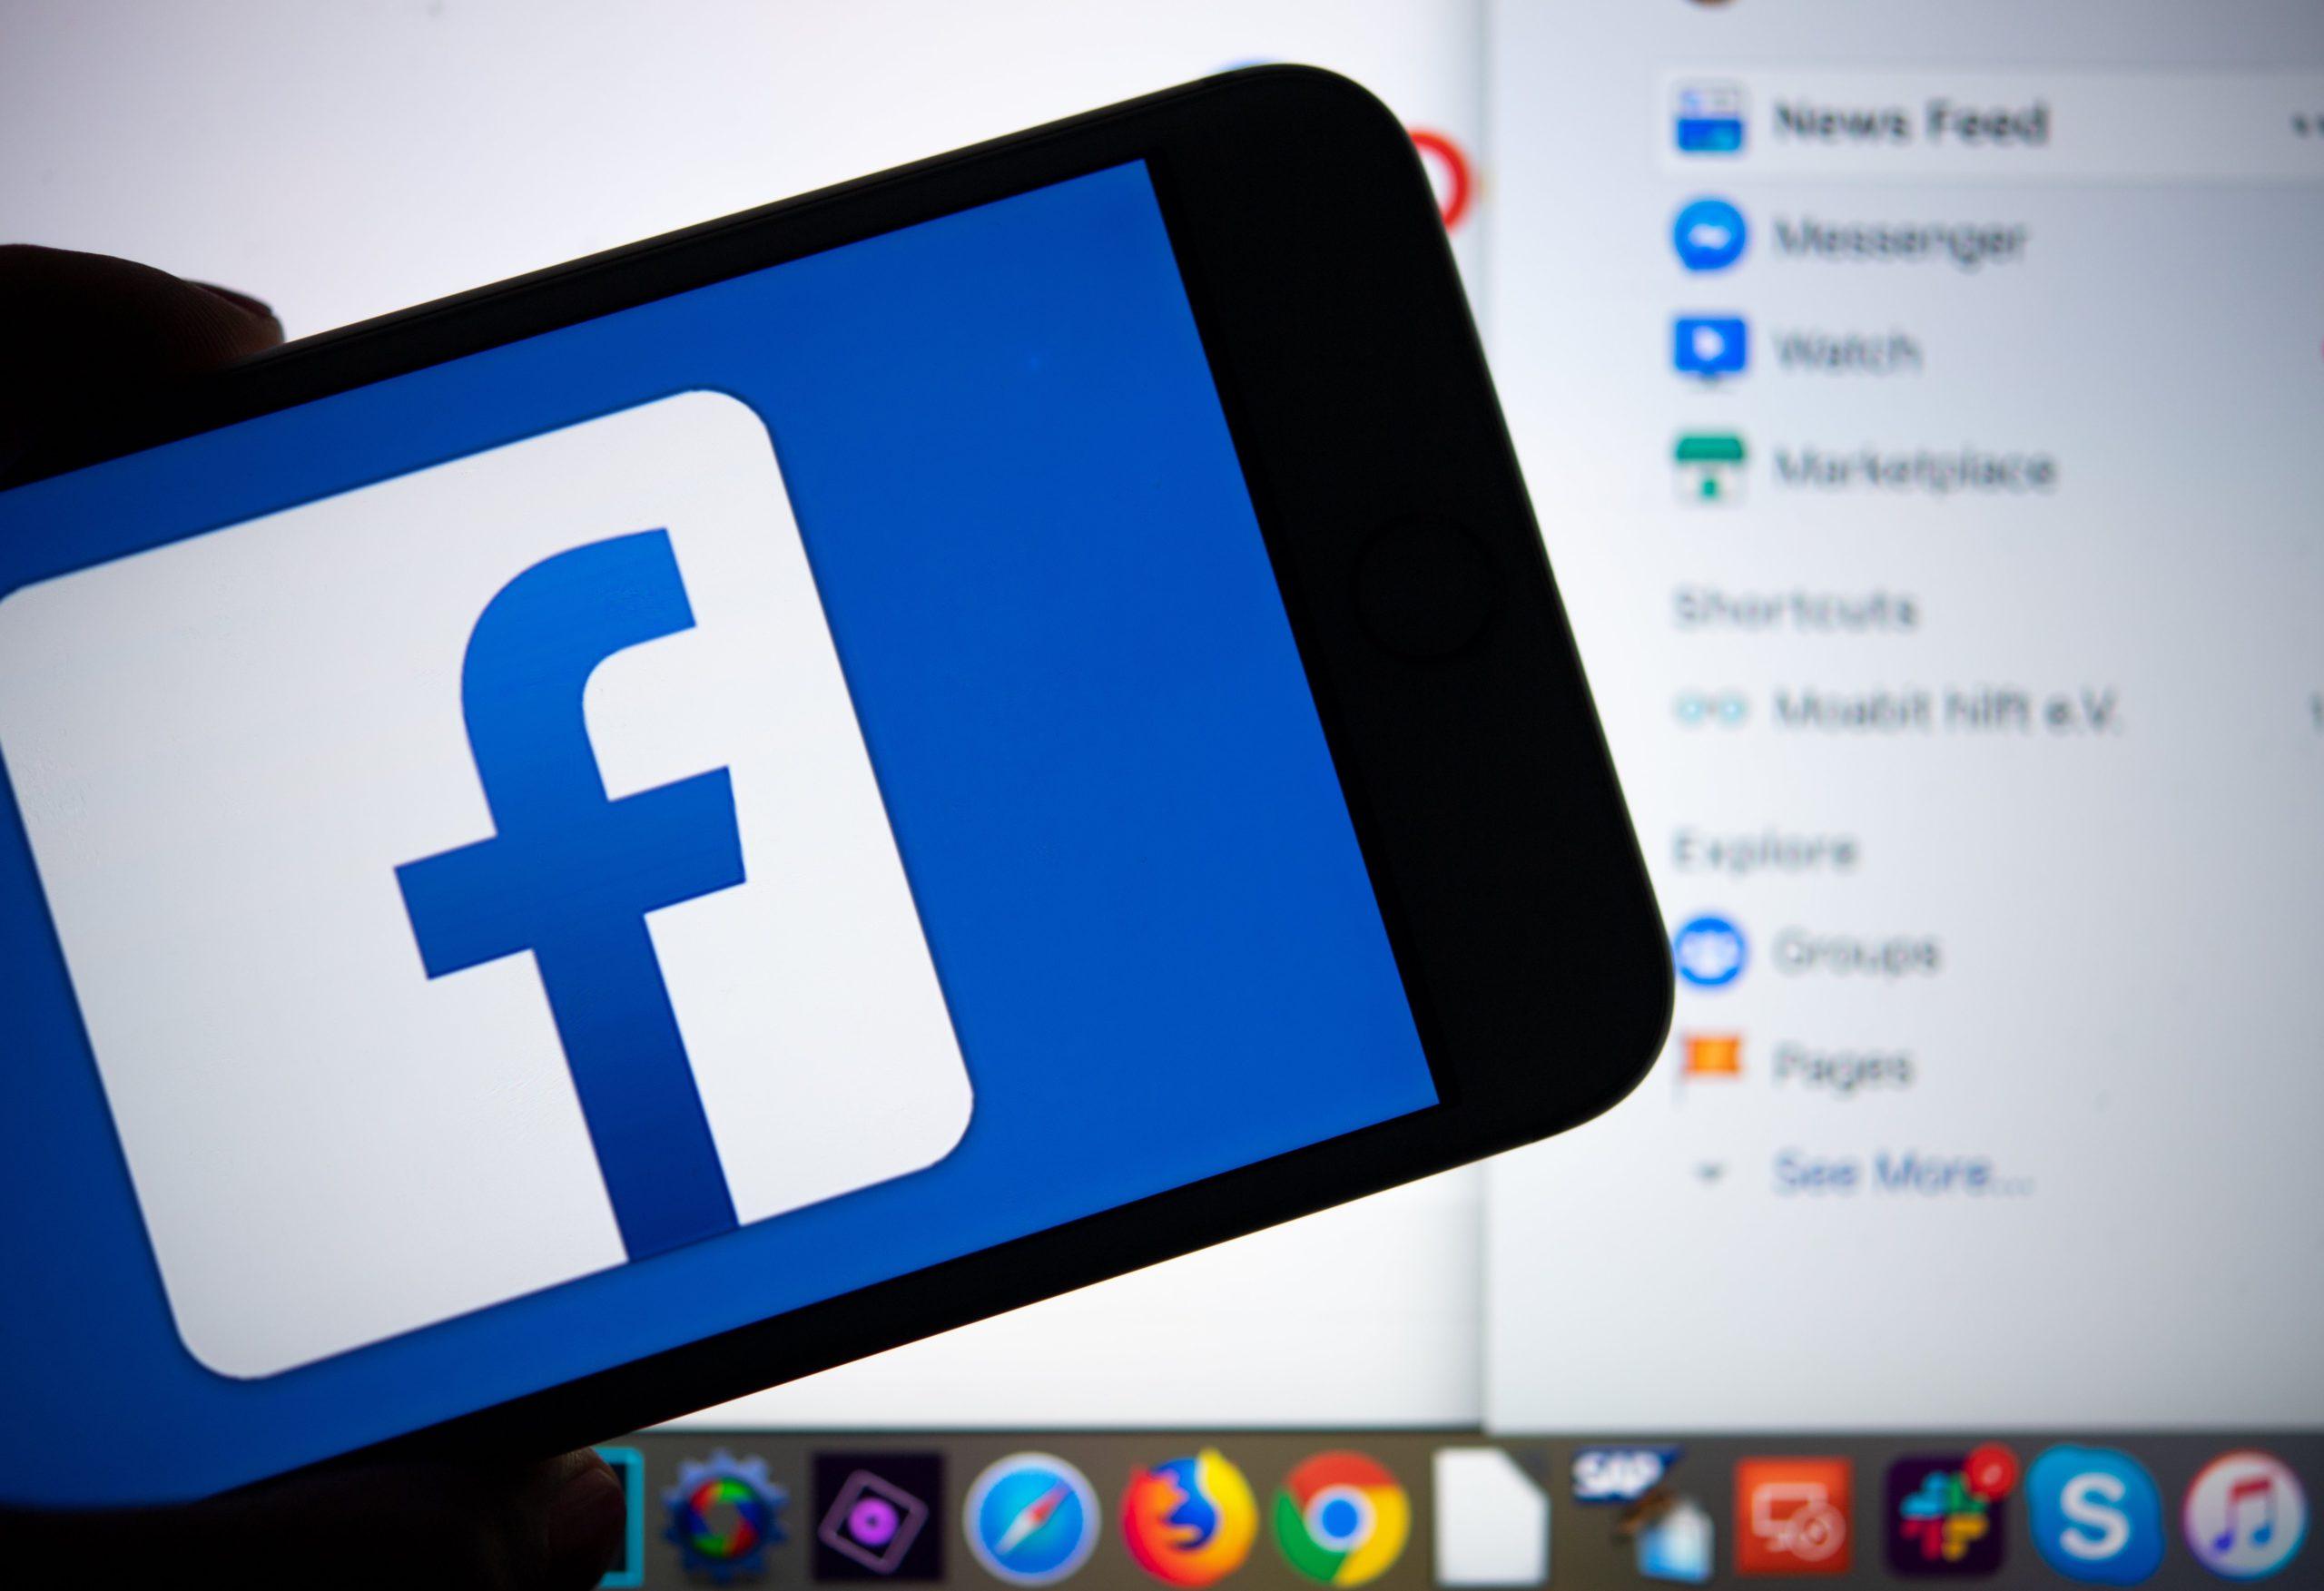 Singapour a demandé à Facebook de corriger le message d'un blogueur en vertu d'une nouvelle loi sur les fake news. Une entrave à la liberté d'expression qui inquiète.